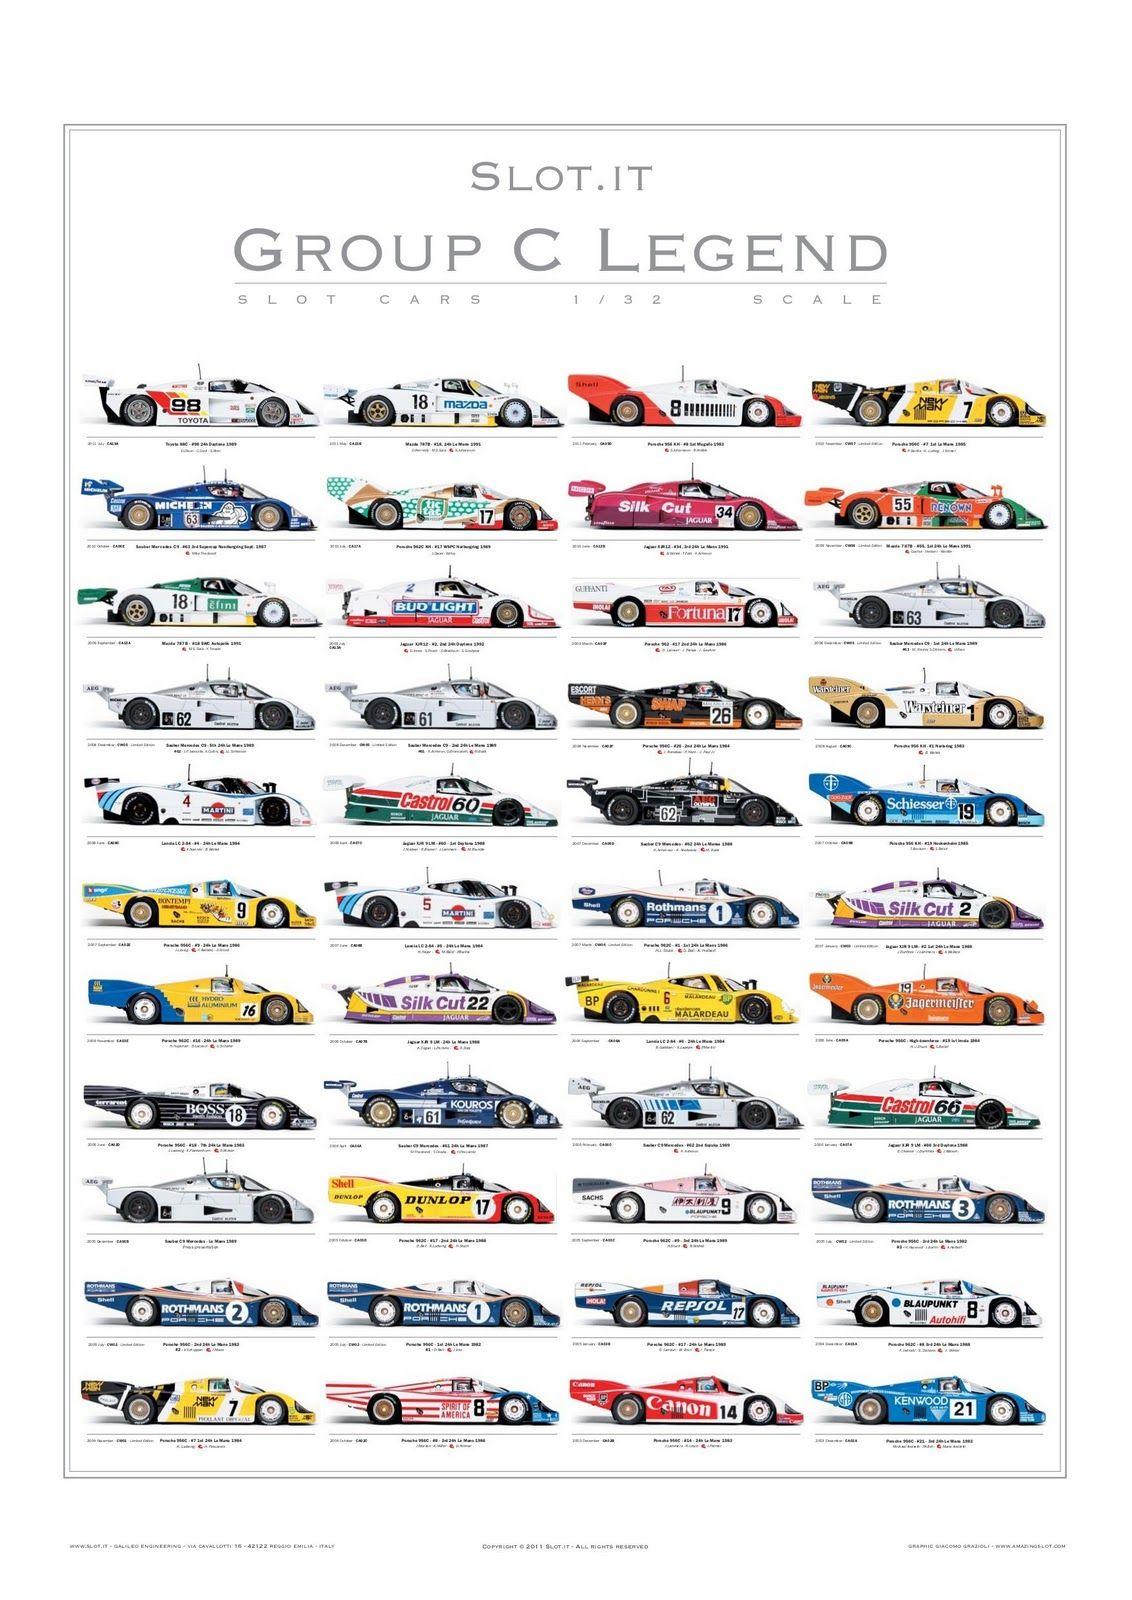 Slot.it PGRC Poster Group C Legend -1